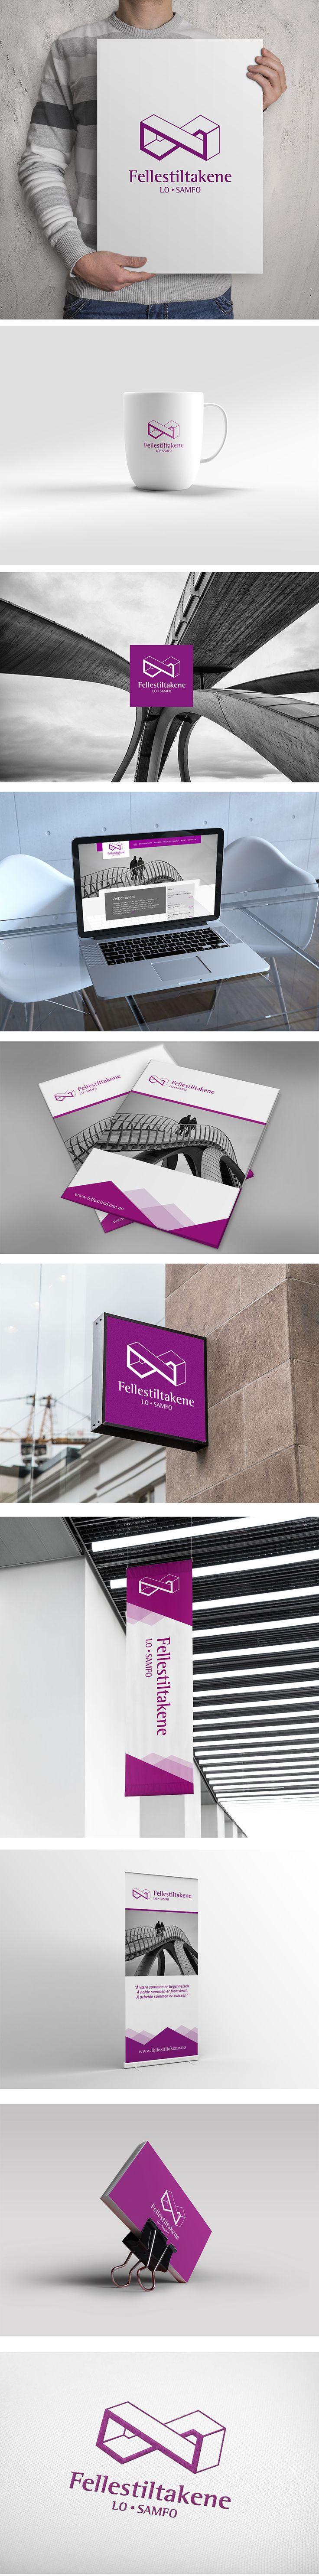 Visual identity for Fellestiltakene in Norway. #design #branding #identity #graphicdesign